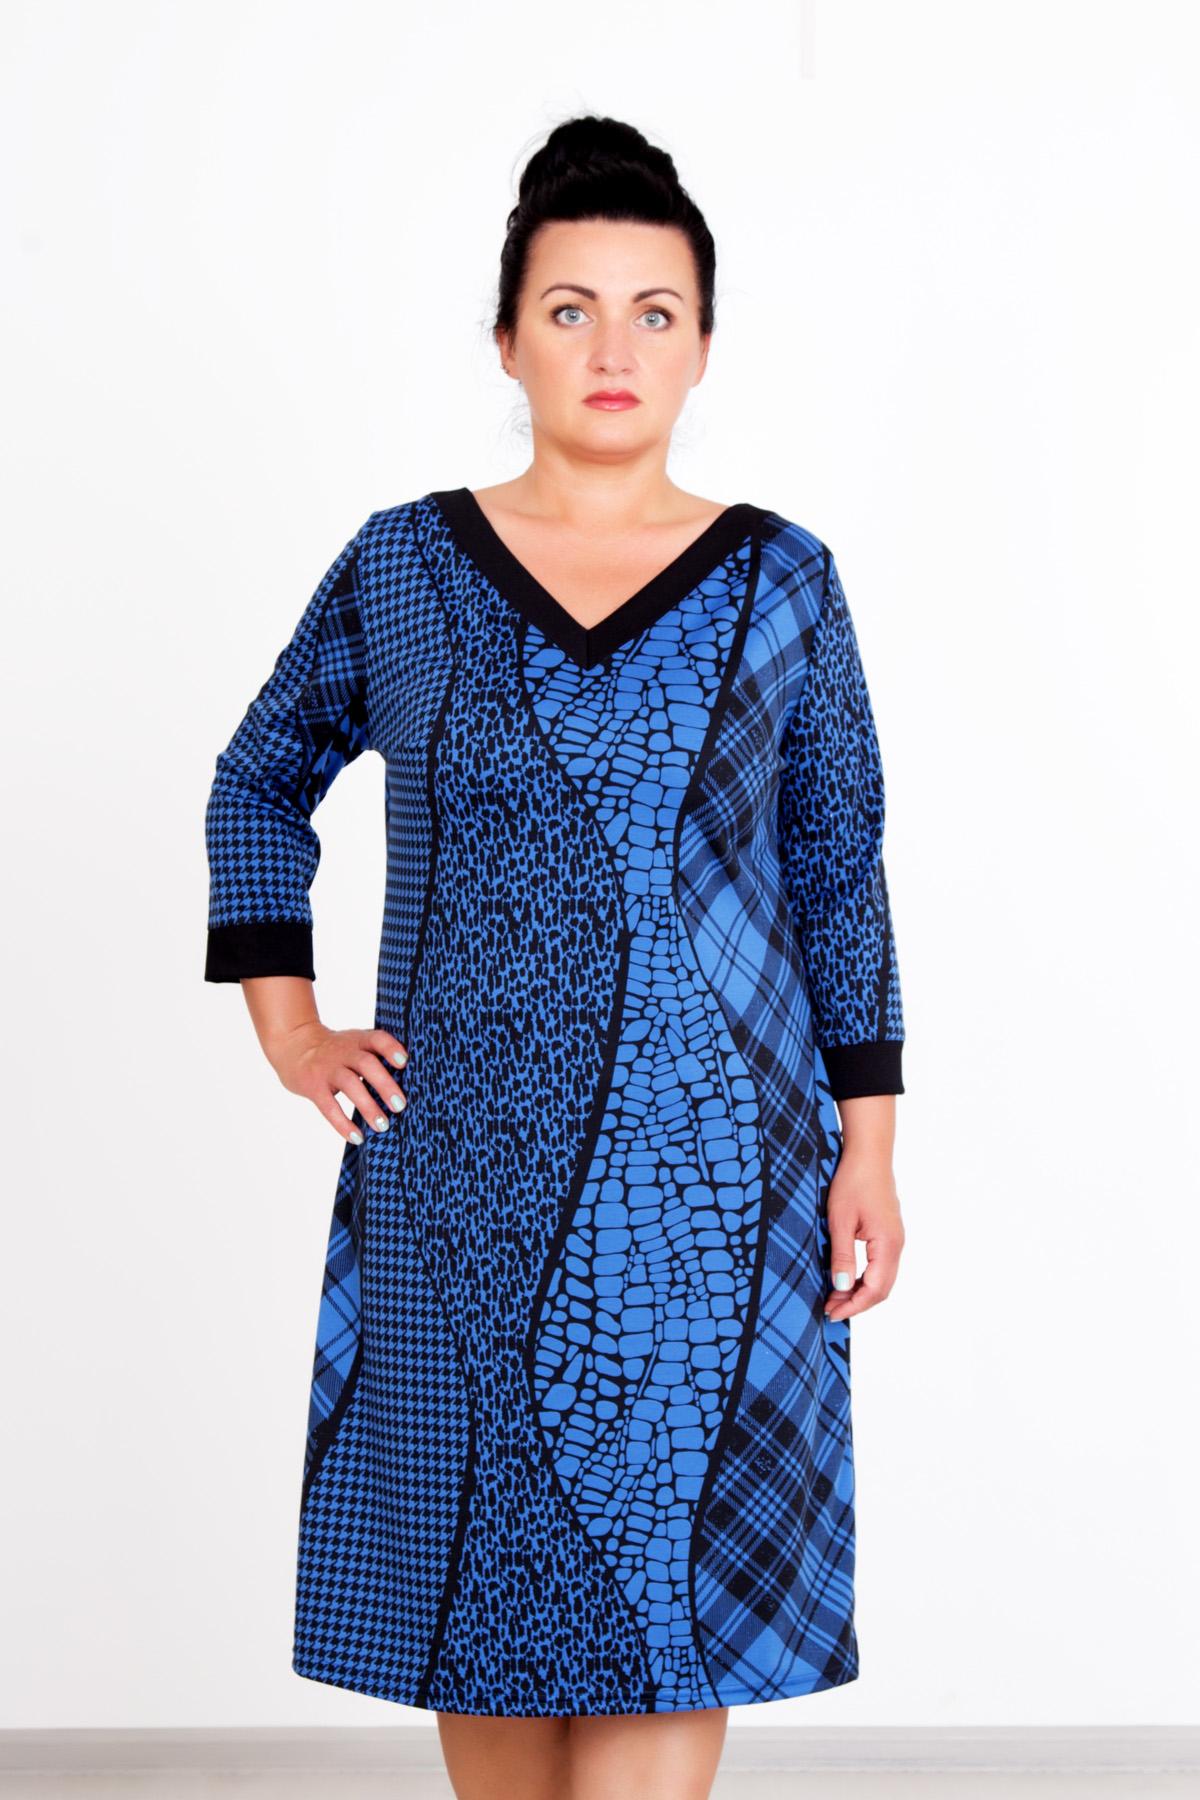 Жен. платье Сигма р. 50Платья<br>Обхват груди:100 см<br>Обхват талии:82 см<br>Обхват бедер:108 см<br>Длина по спинке:98 см<br>Рост:167 см<br><br>Тип: Жен. платье<br>Размер: 50<br>Материал: Милано-пунто